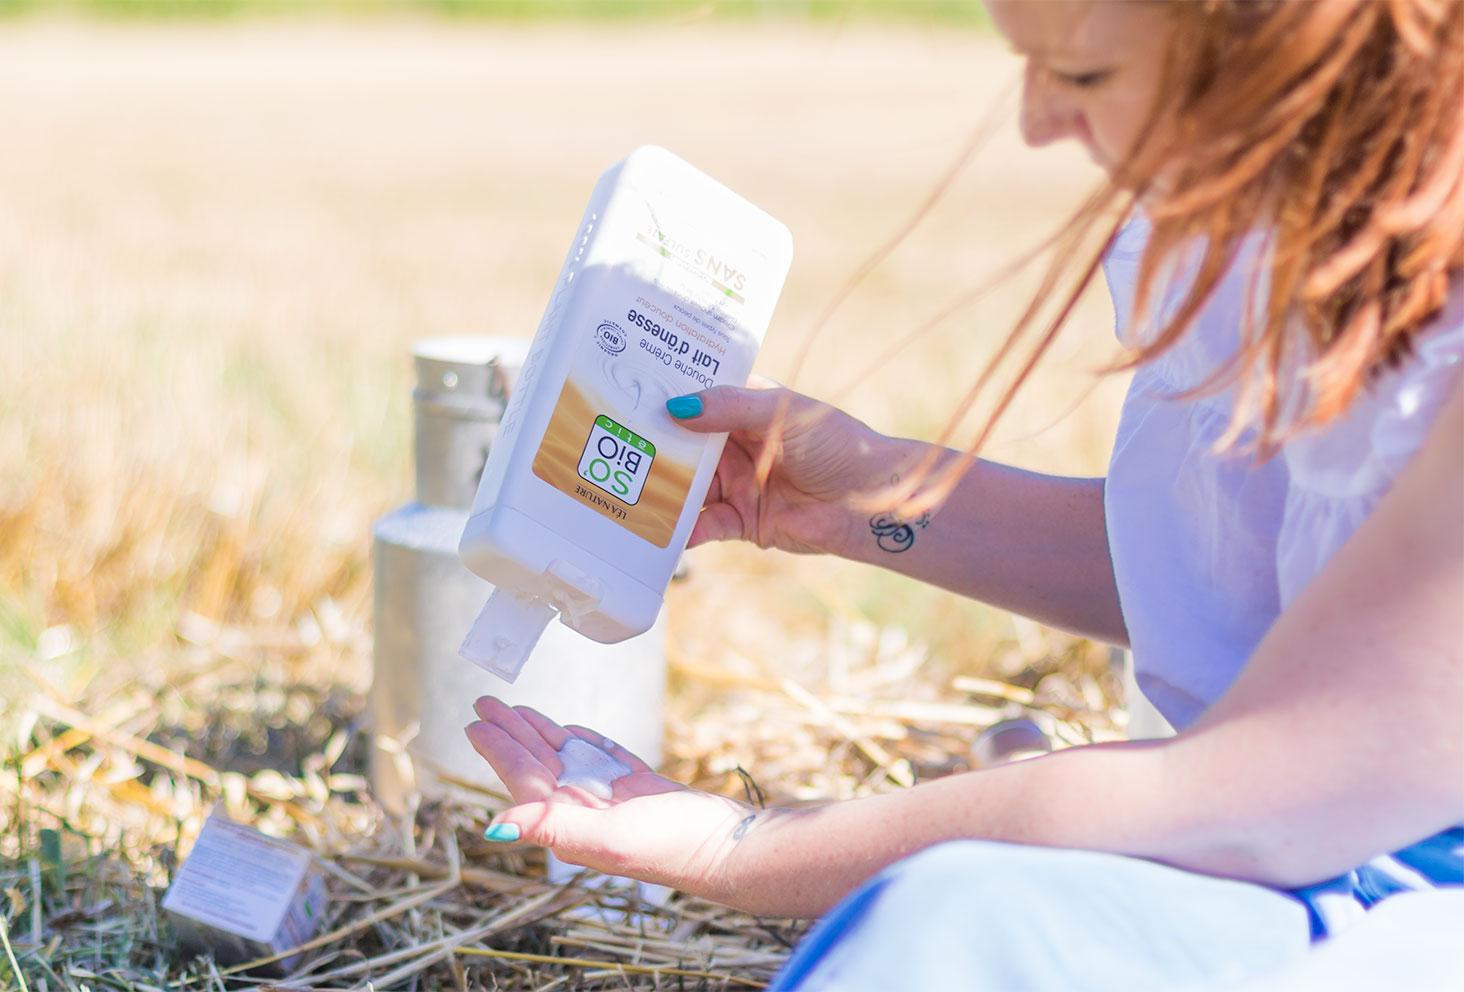 Utilisation de la crème de douche au lait d'ânesse de la gamme Mon lait d'Ânesse de la marque SO'BiO étic